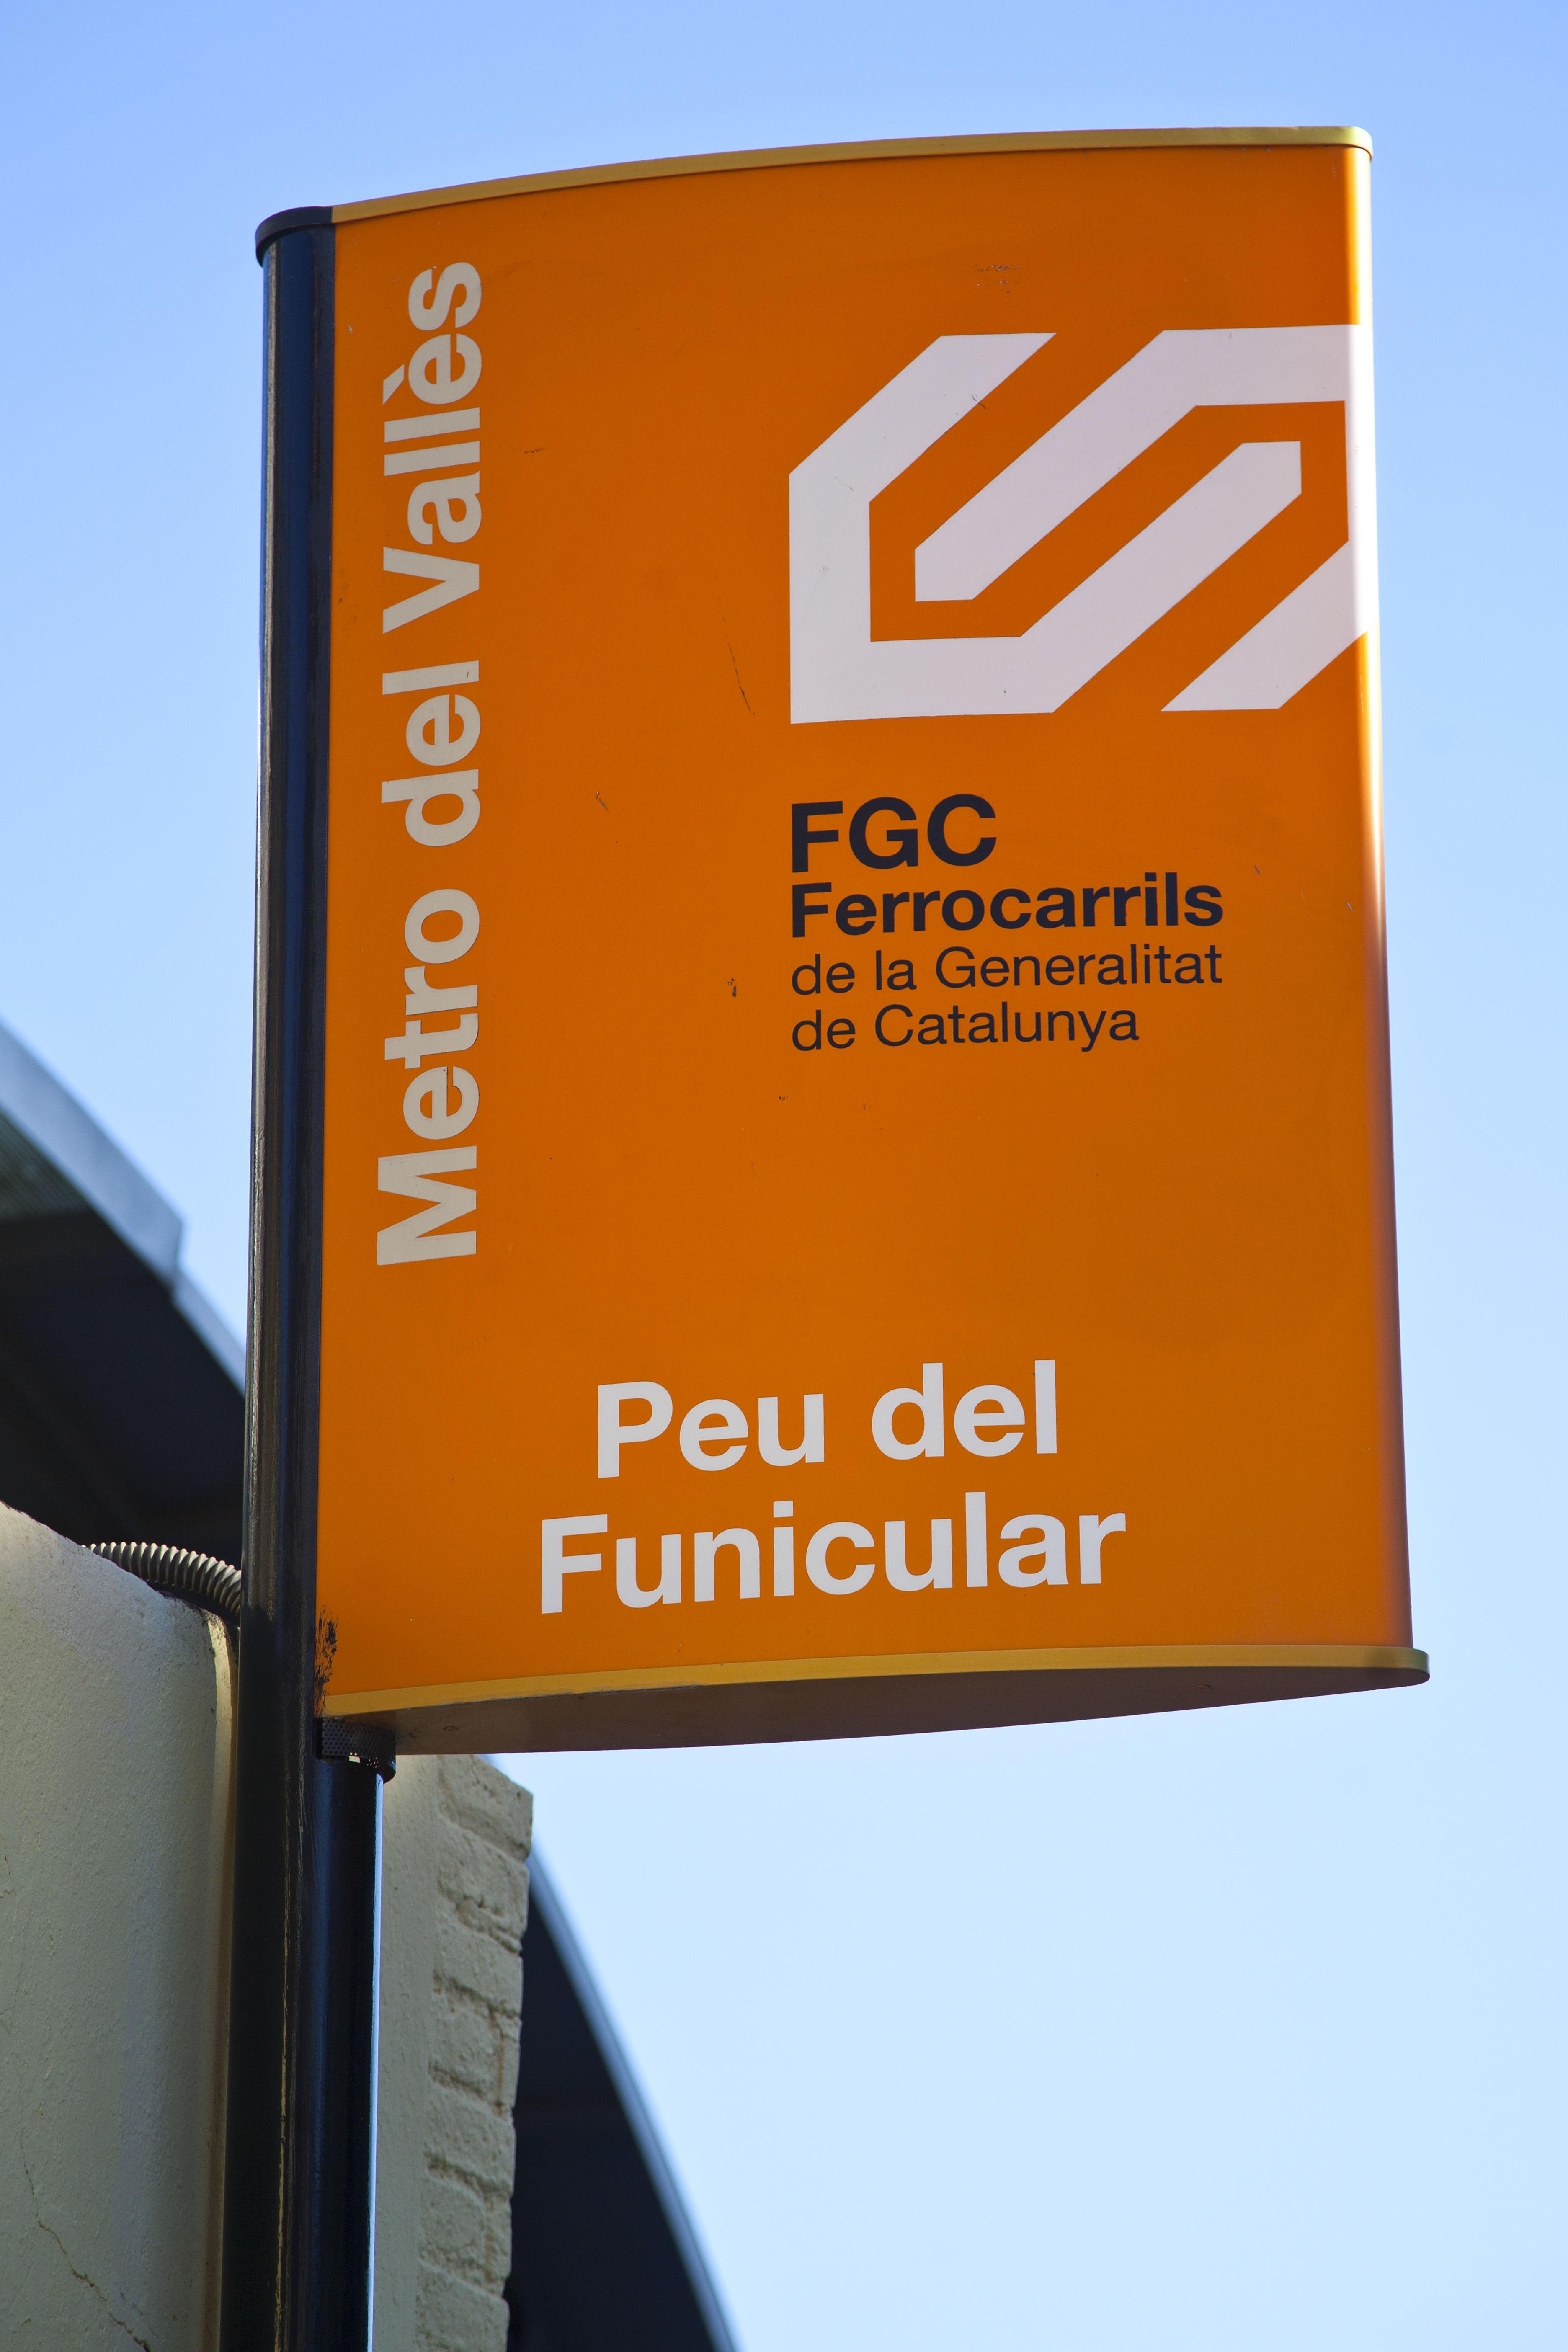 PEU -FUNICULAR -FGC